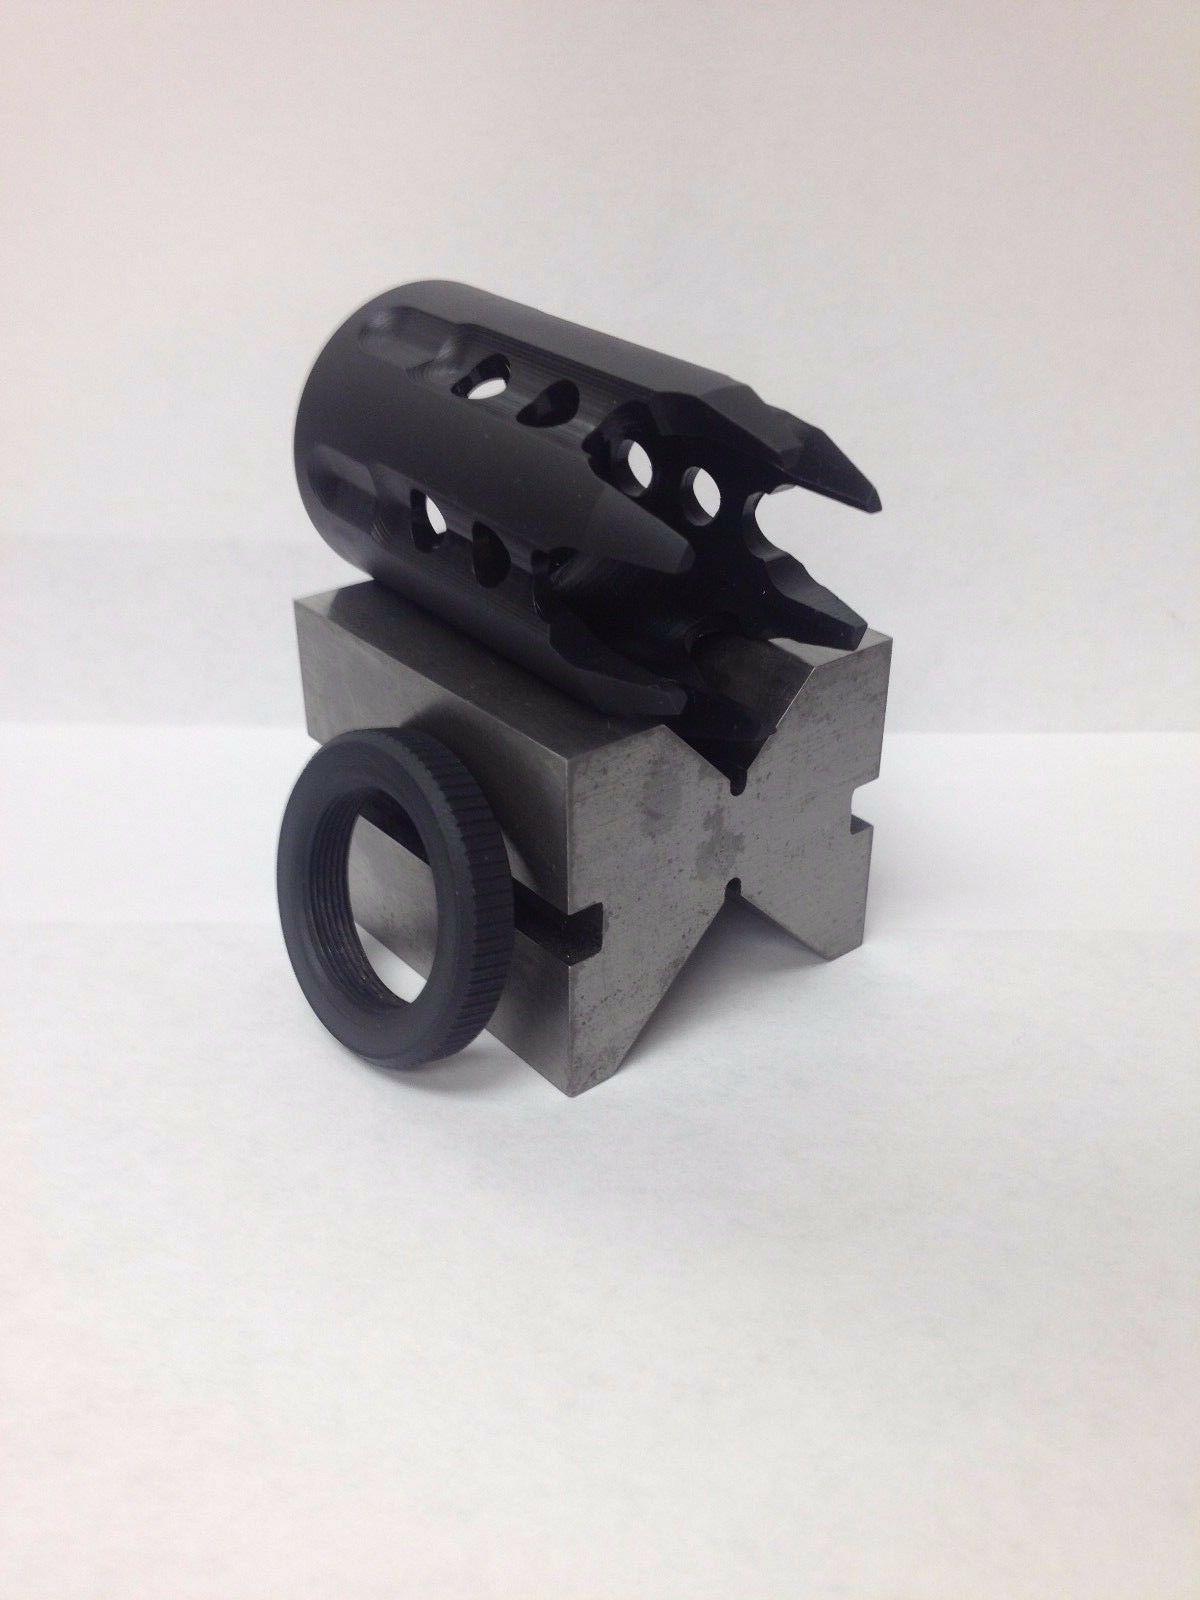 M22 .75 - COMP MUZZLE BRAKE for GAUGE SHOTGUNS